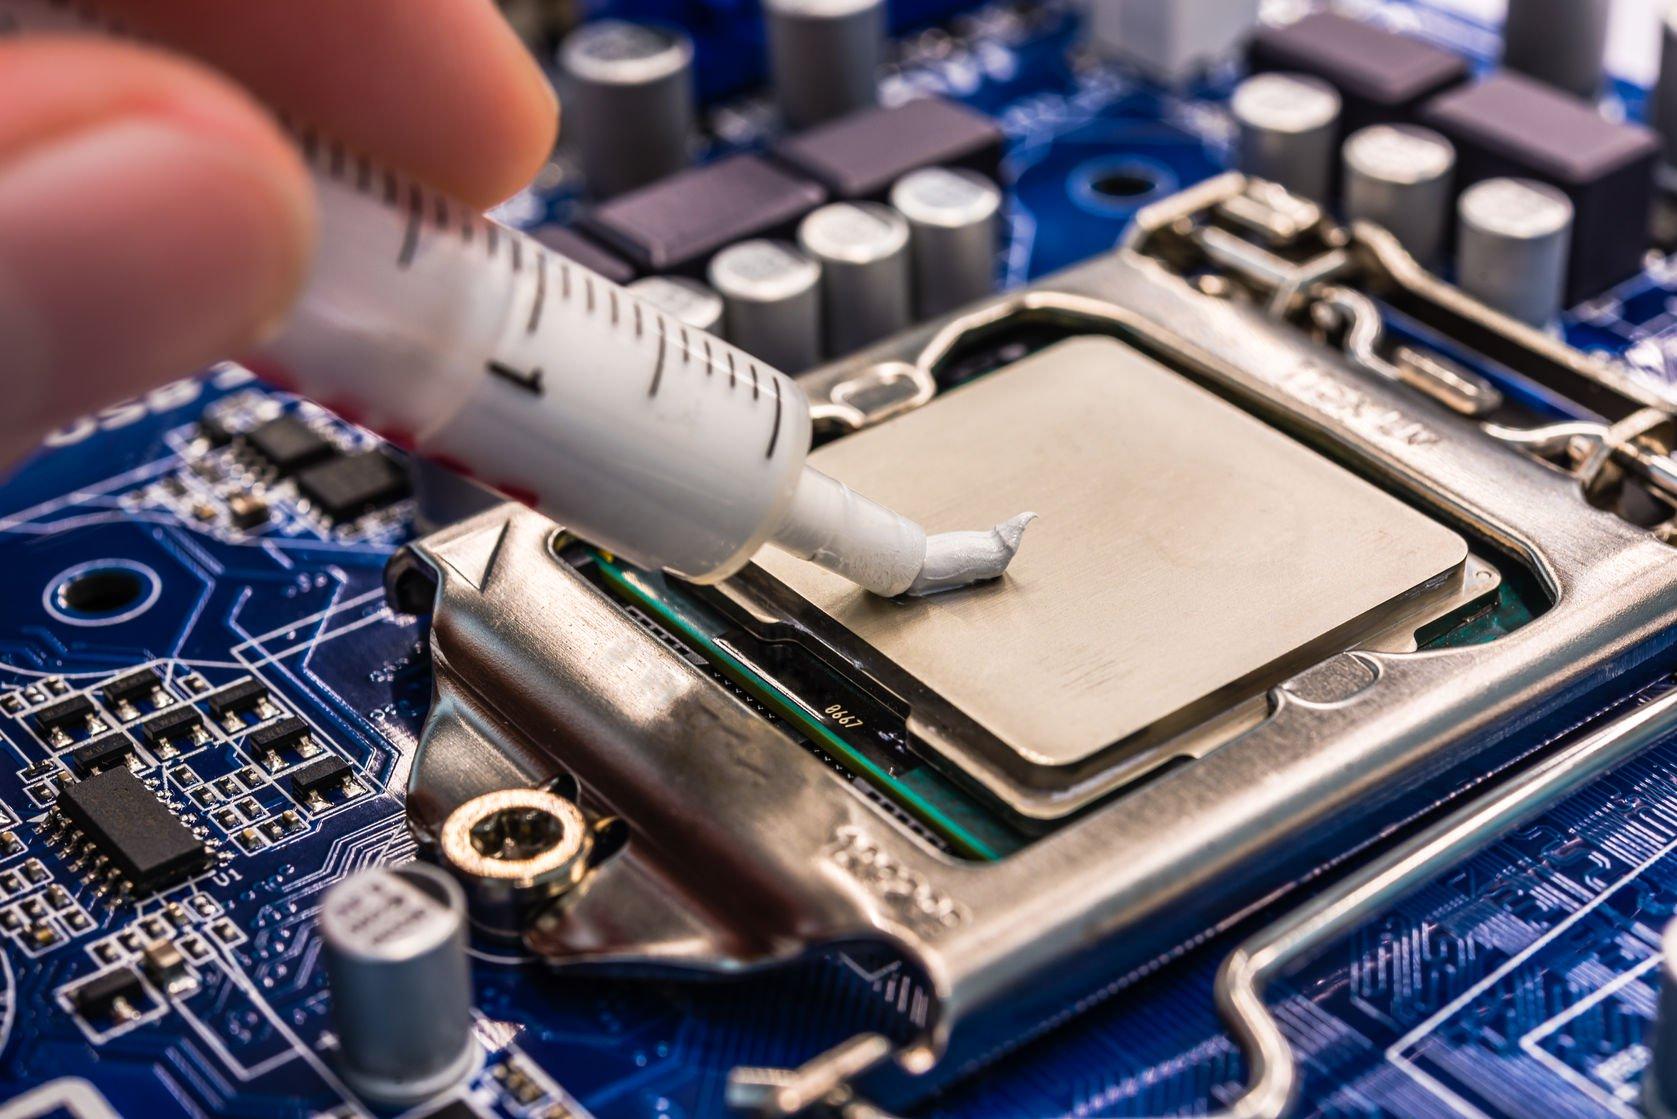 Для оптимальной работы процессора используются системы охлаждения в виде термопасты